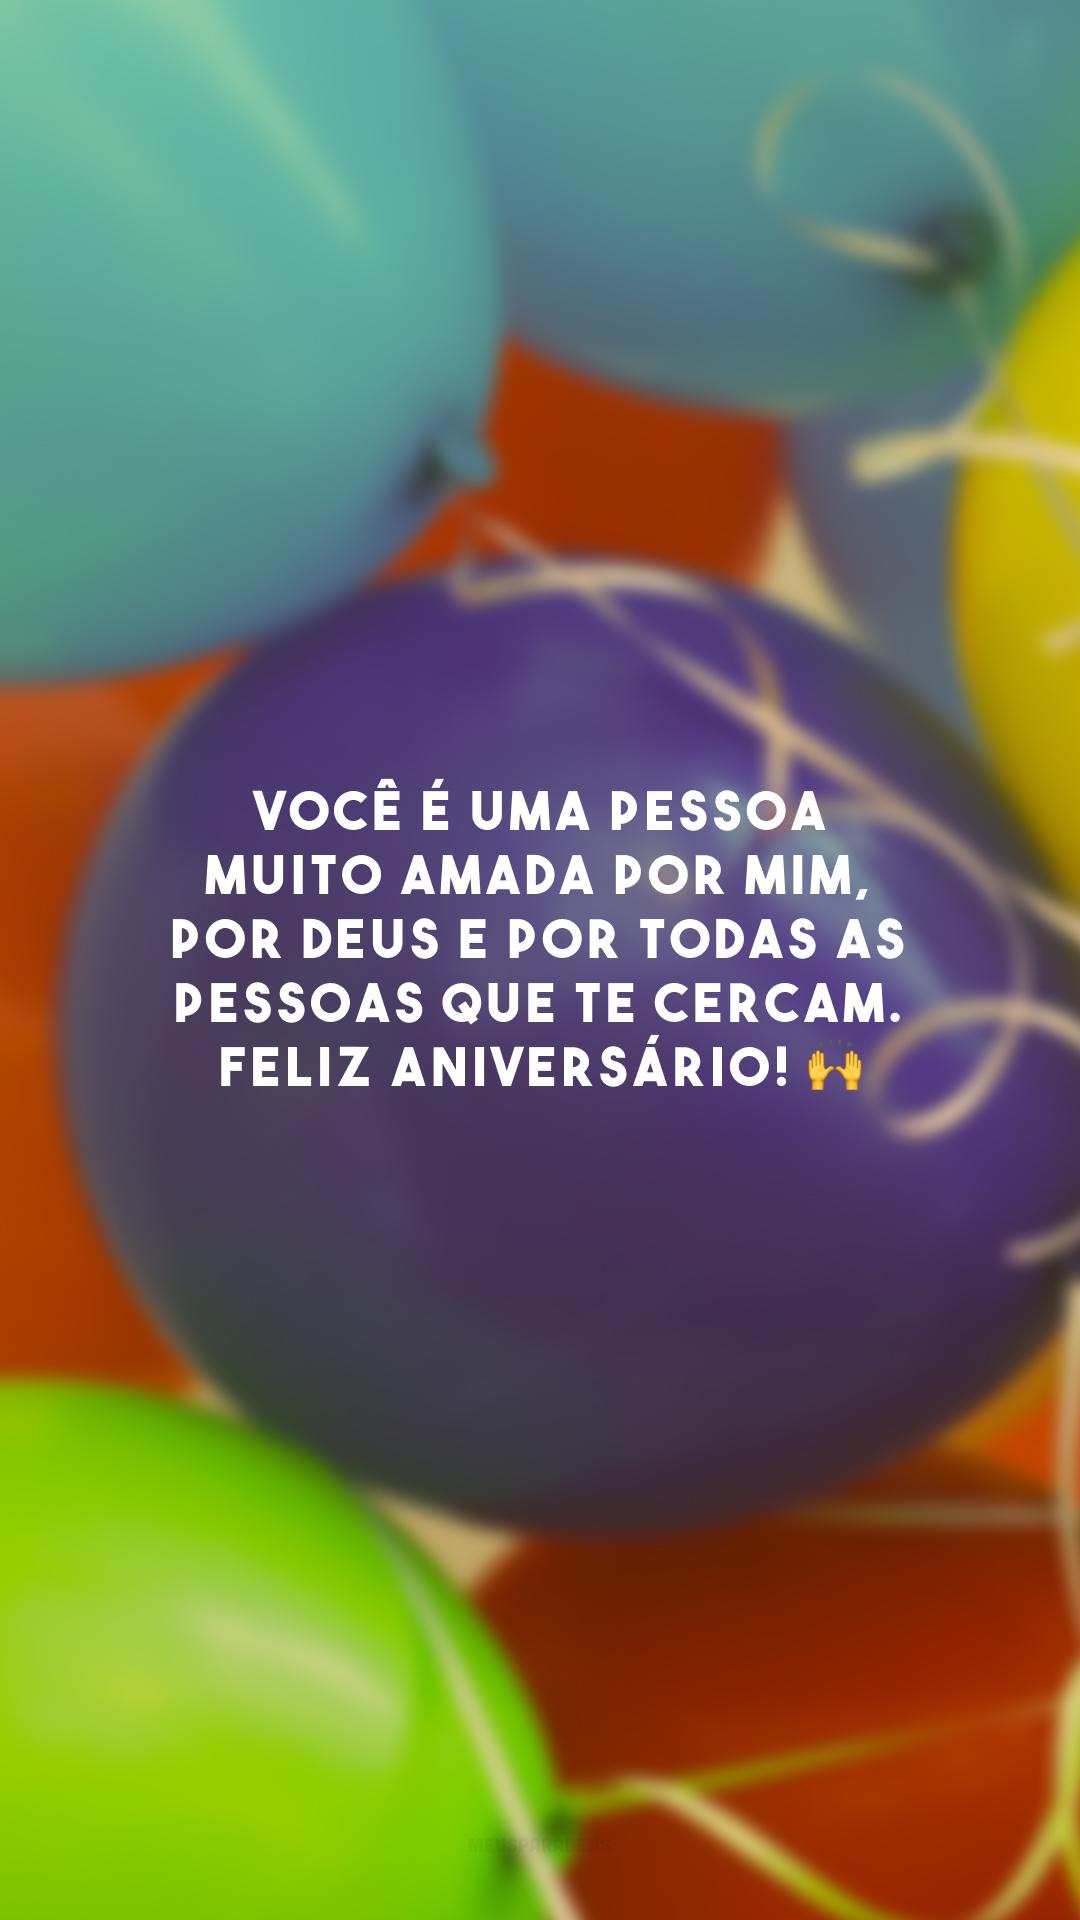 Você é uma pessoa muito amada por mim, por Deus e por todas as pessoas que te cercam. Feliz aniversário! 🙌